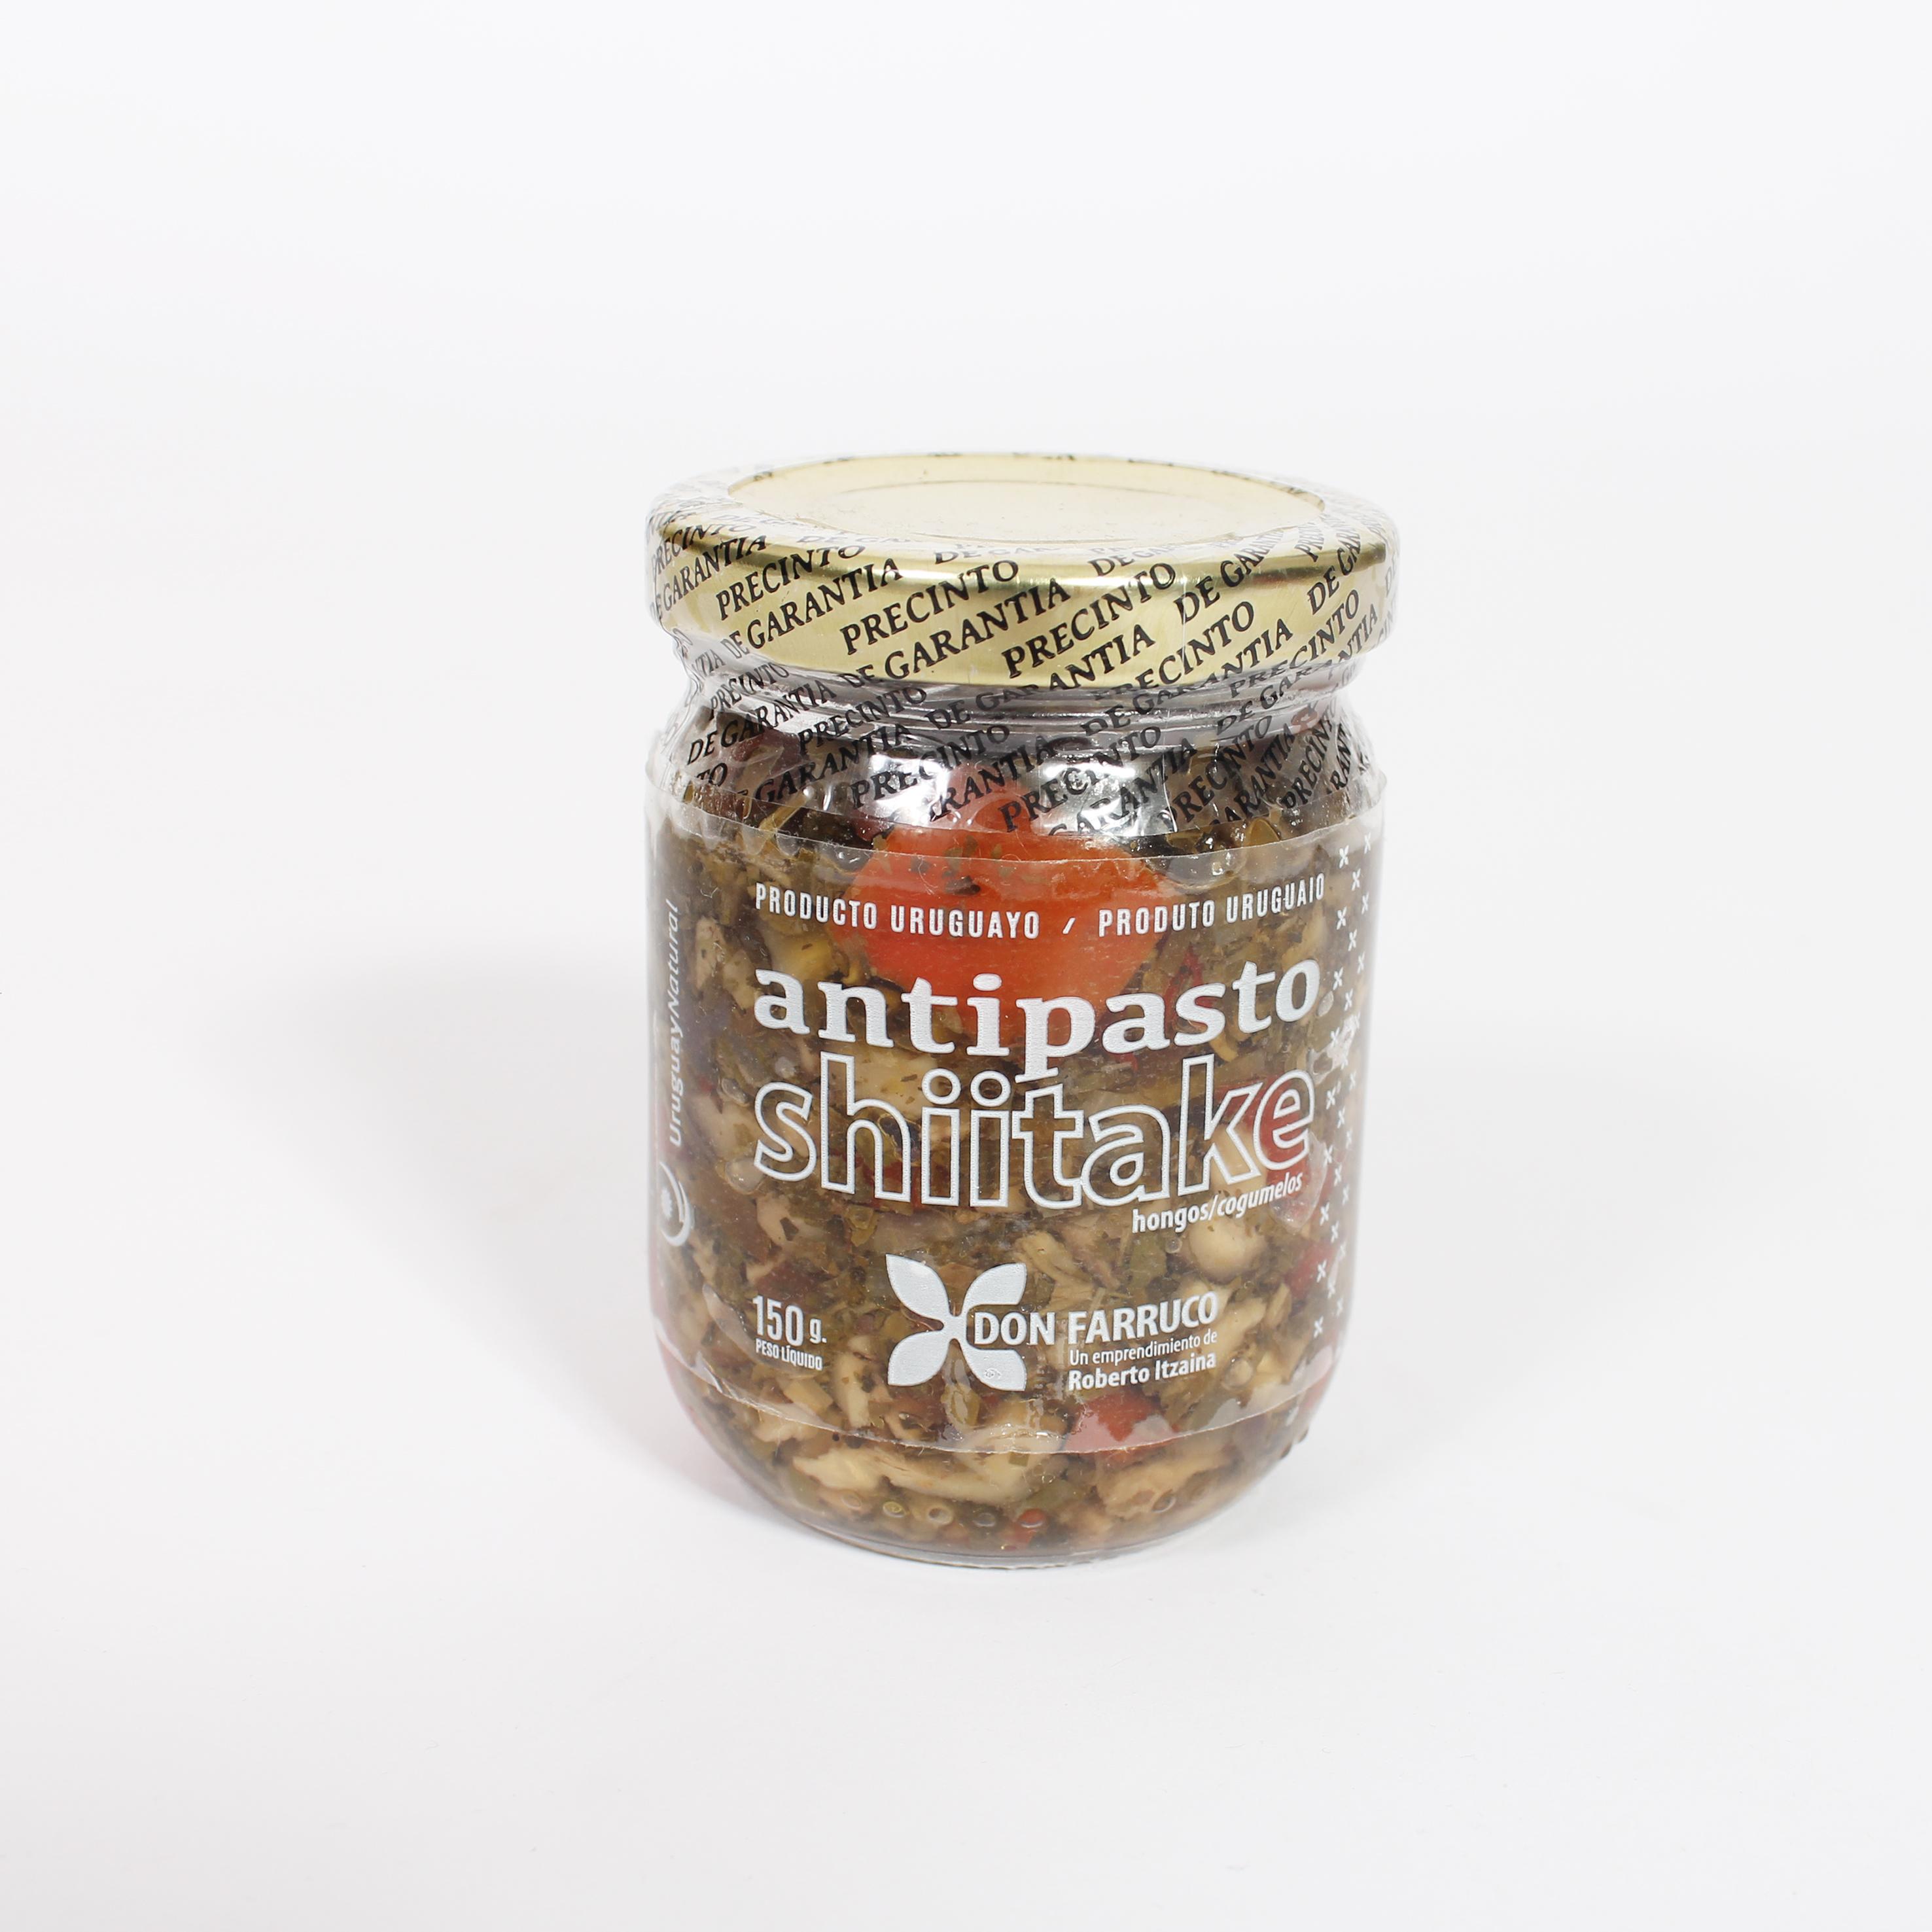 Antipasto Shiitake